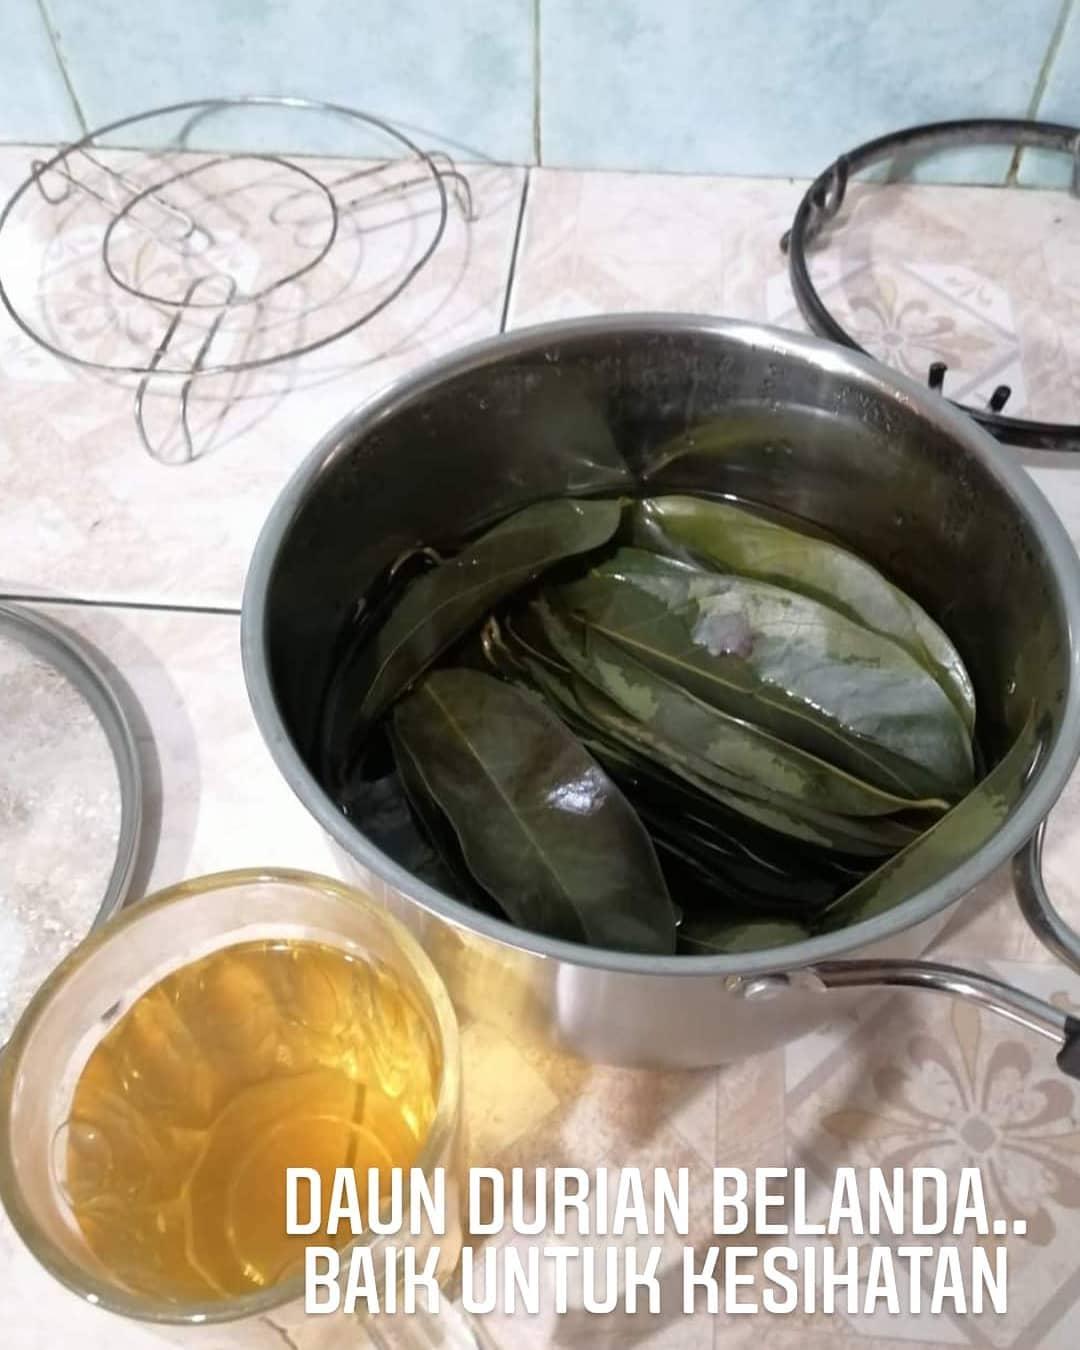 Manfaat Daun Durian Belanda